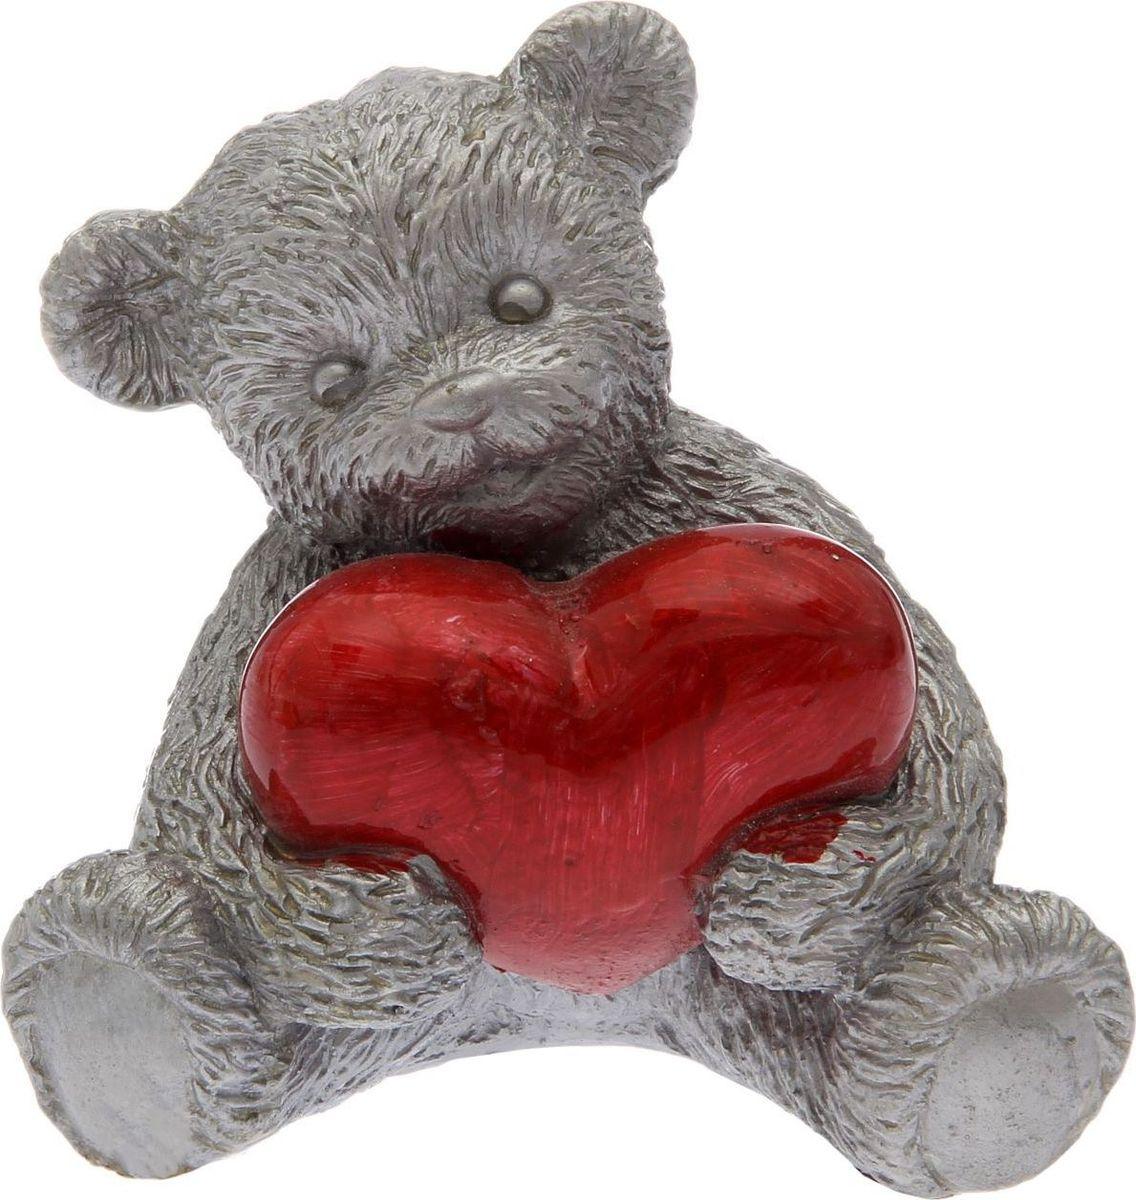 Статуэтка сувенирная Premium Gips Мишка с сердцем, цвет: серебристый, 8 х 10 х 12 см2152895Перед вами — сувенир в полном смысле этого слова. И главная его задача — хранить воспоминание о месте, где вы побывали, или о том человеке, который подарил данный предмет. Преподнесите эту вещь своему другу, и она станет достойным украшением его дома.